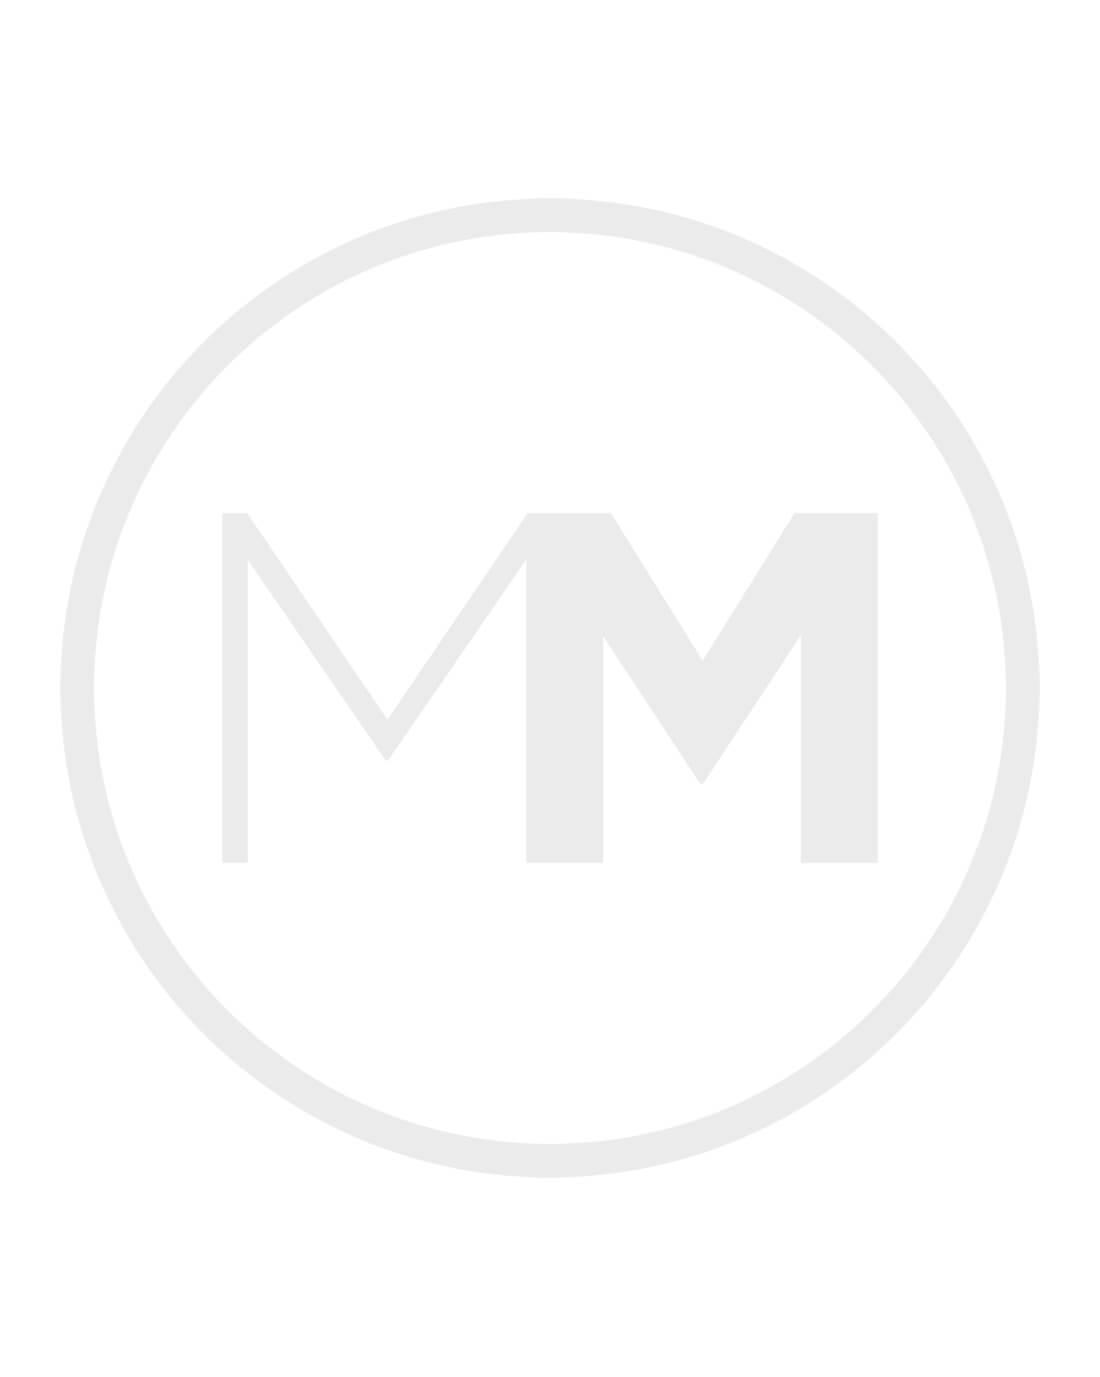 Kocca Andir / Blauwe spijkerjas